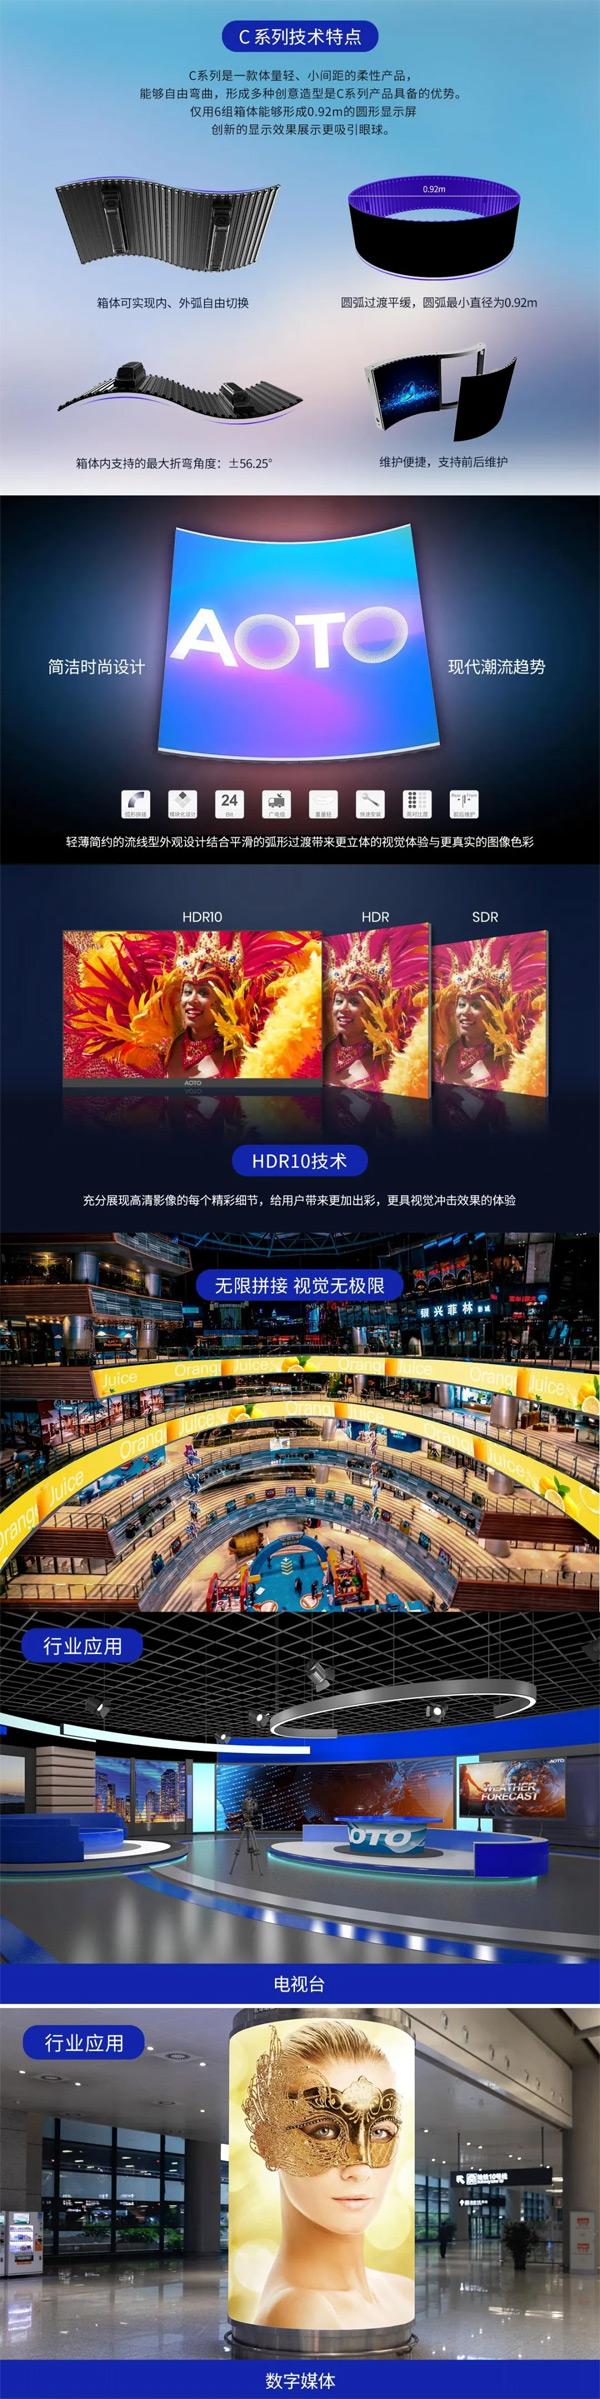 奥拓C系列柔性LED创意屏接连荣获2020年当代好设计奖和中国设计红星奖